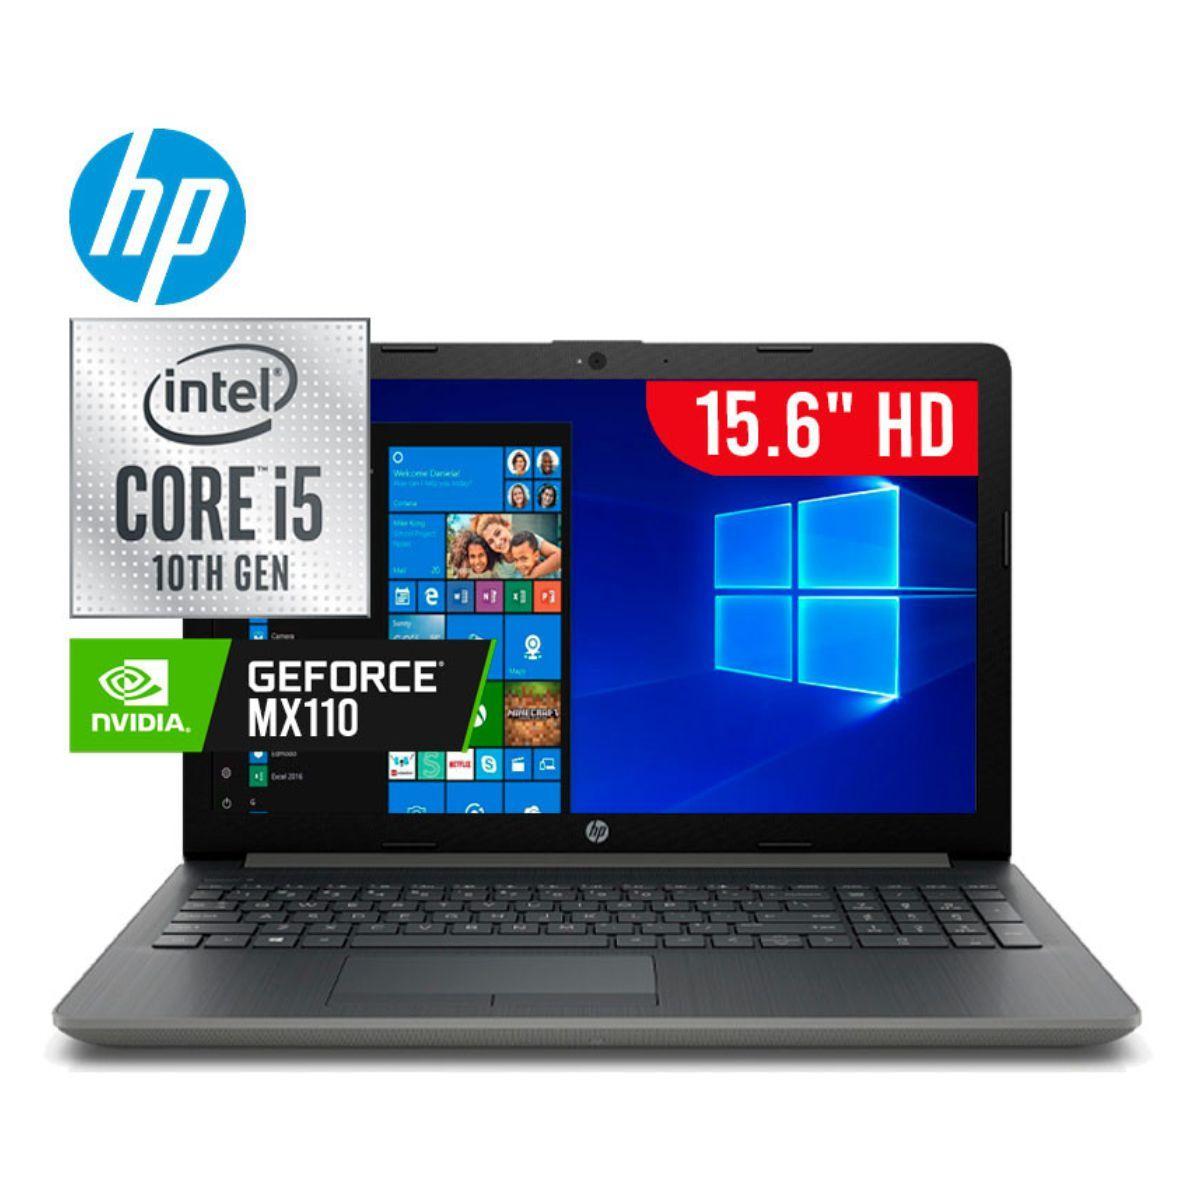 laptop-hp-15-da2006la-pantalla-15-6-hd-intel-core-i5-10ma-gen-memoria-ram-16gb-ddr4-1tb-sata-tarjeta-de-video-nvidia-geforce-mx110-2gb-